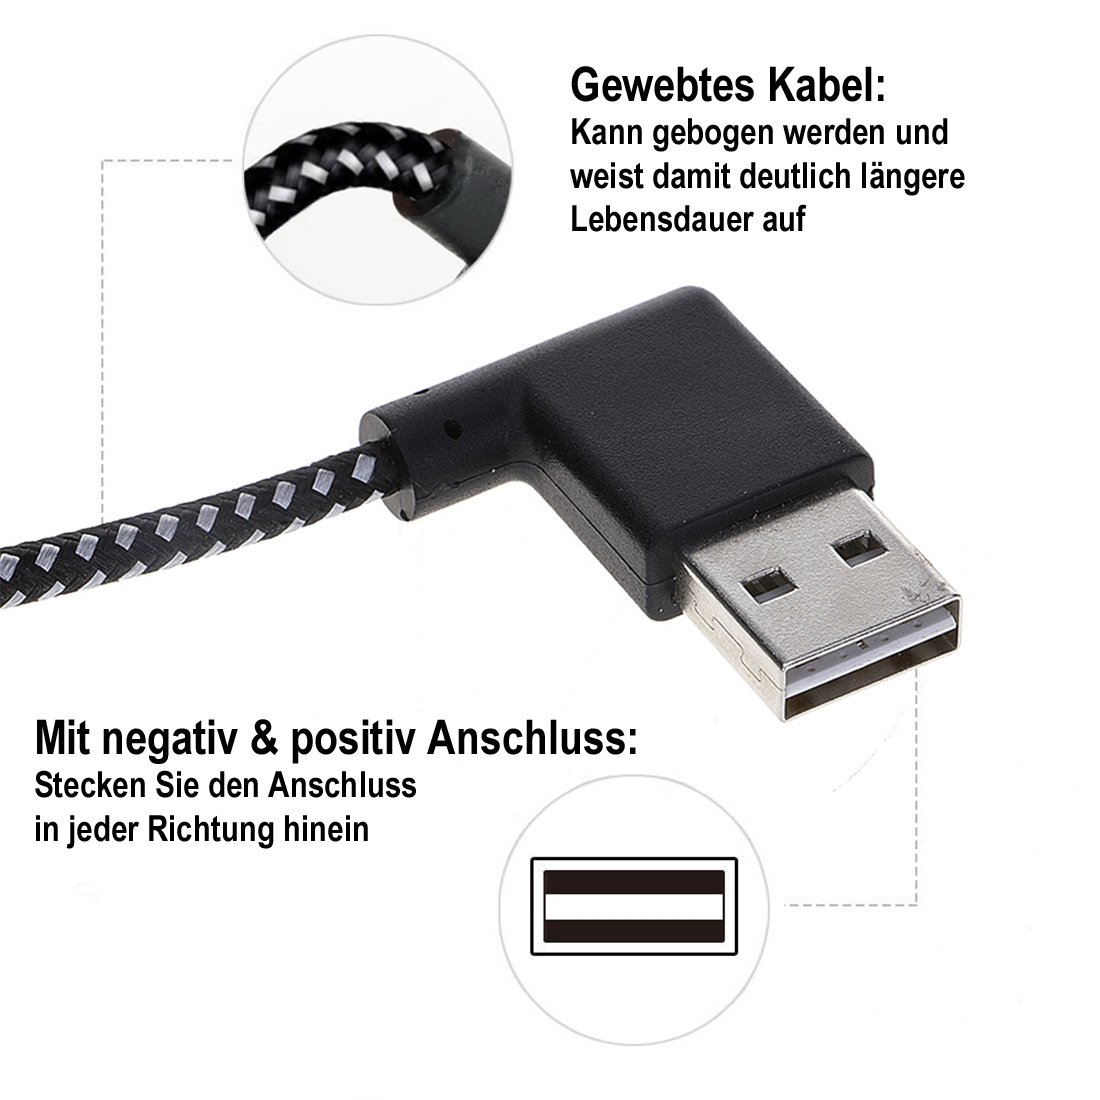 Handys & Telekommunikation Handy Kabel Magnetische Kabel Nylon Micro Usb Magnet Kabel Für Huawei P20 Lite Daten Ladegerät Kabel Für Xiaomi Samsung Iphone Handy Kabel Feine Verarbeitung